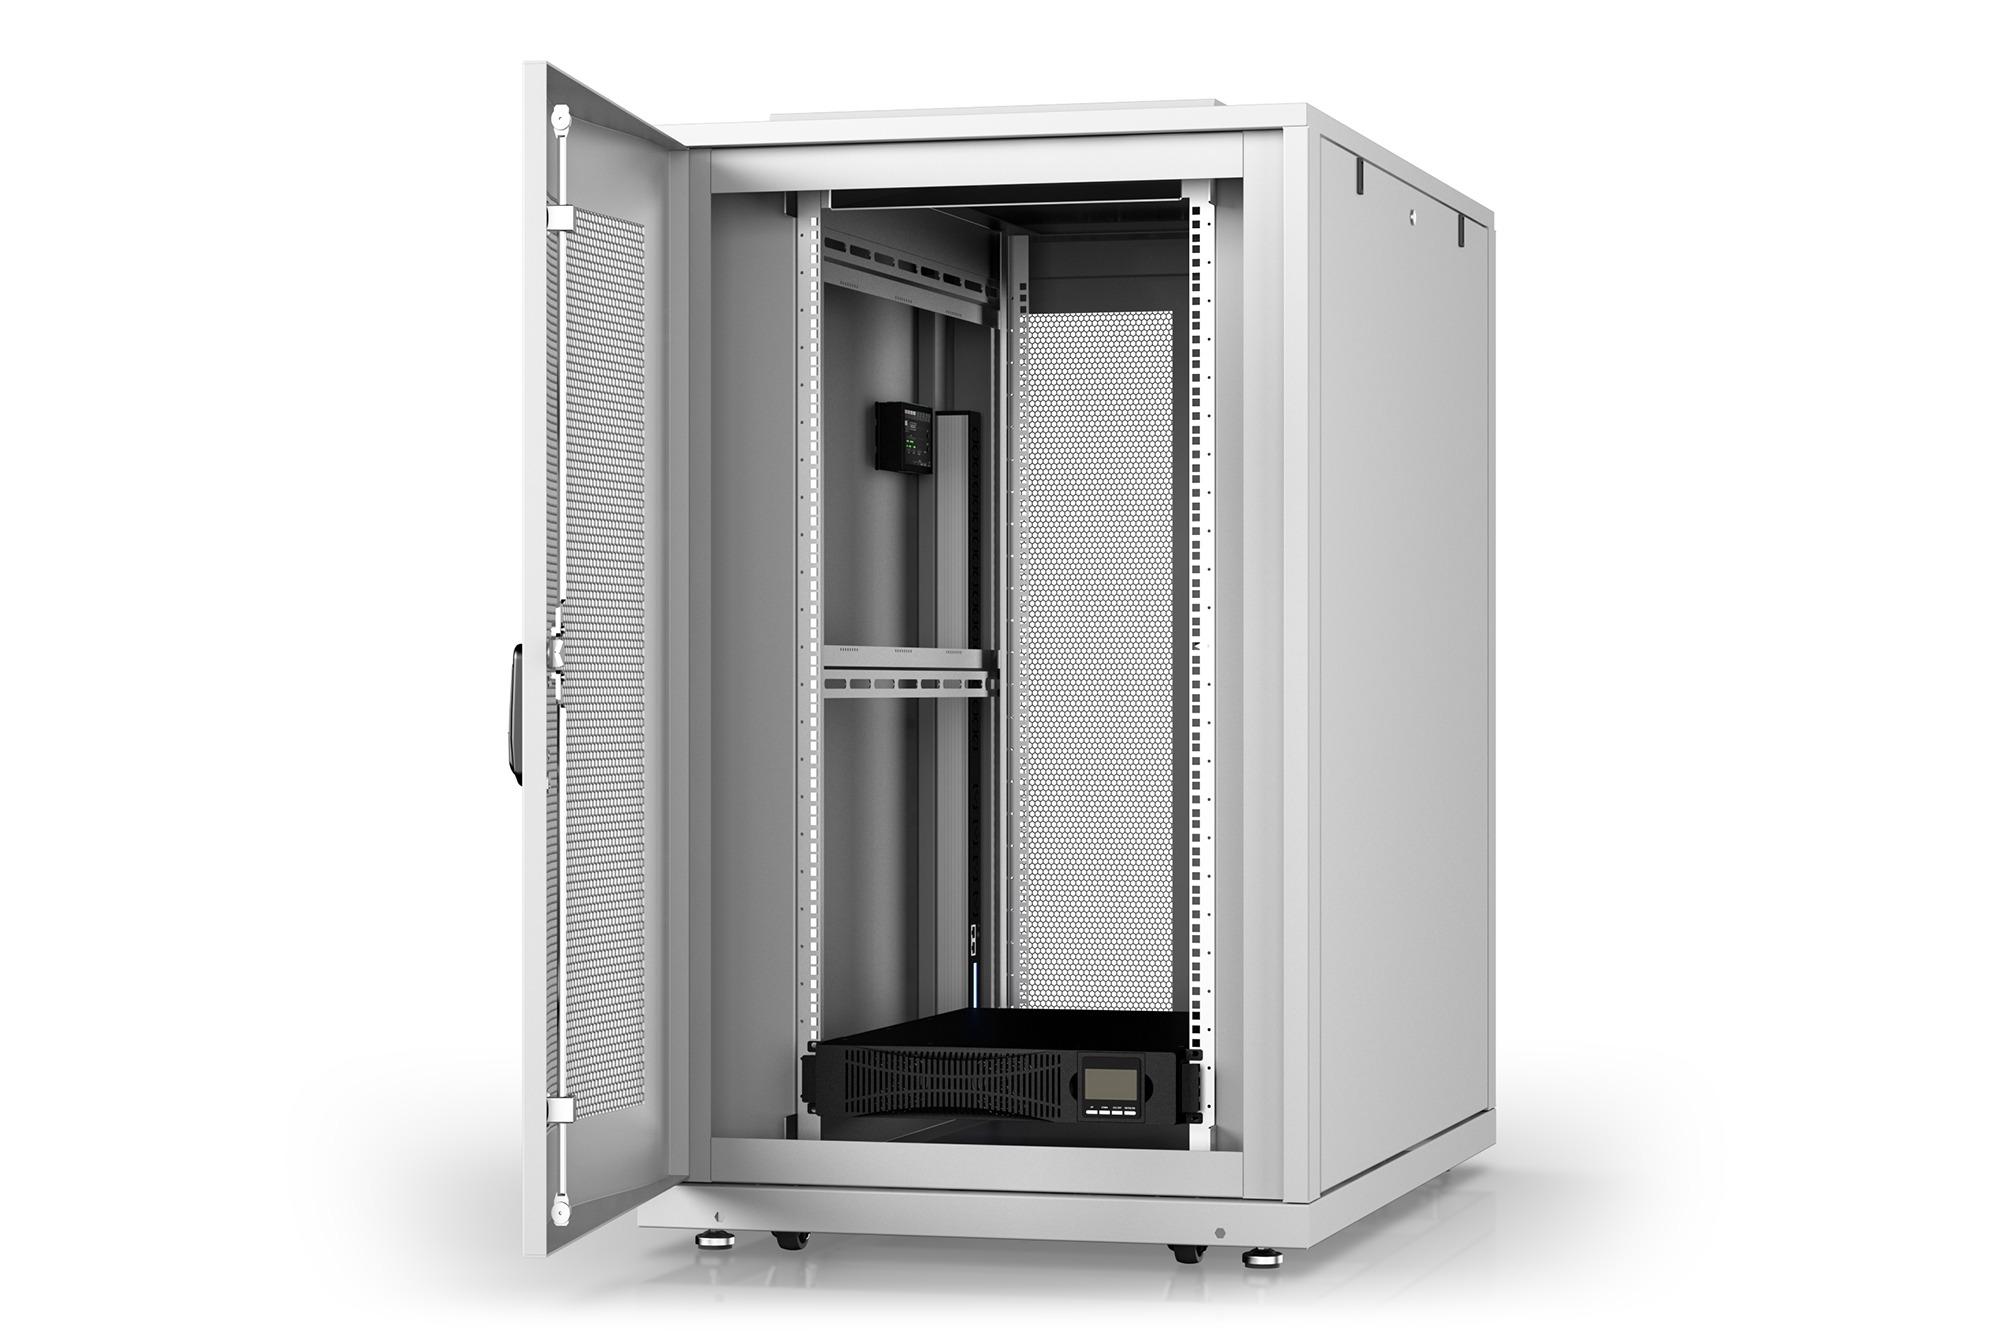 Armadio rack 26u 600×1000 con gruppo di continuita' online 1500va/, multipresa smart, sensori temperatura, sensori porta e sistema monitoraggio